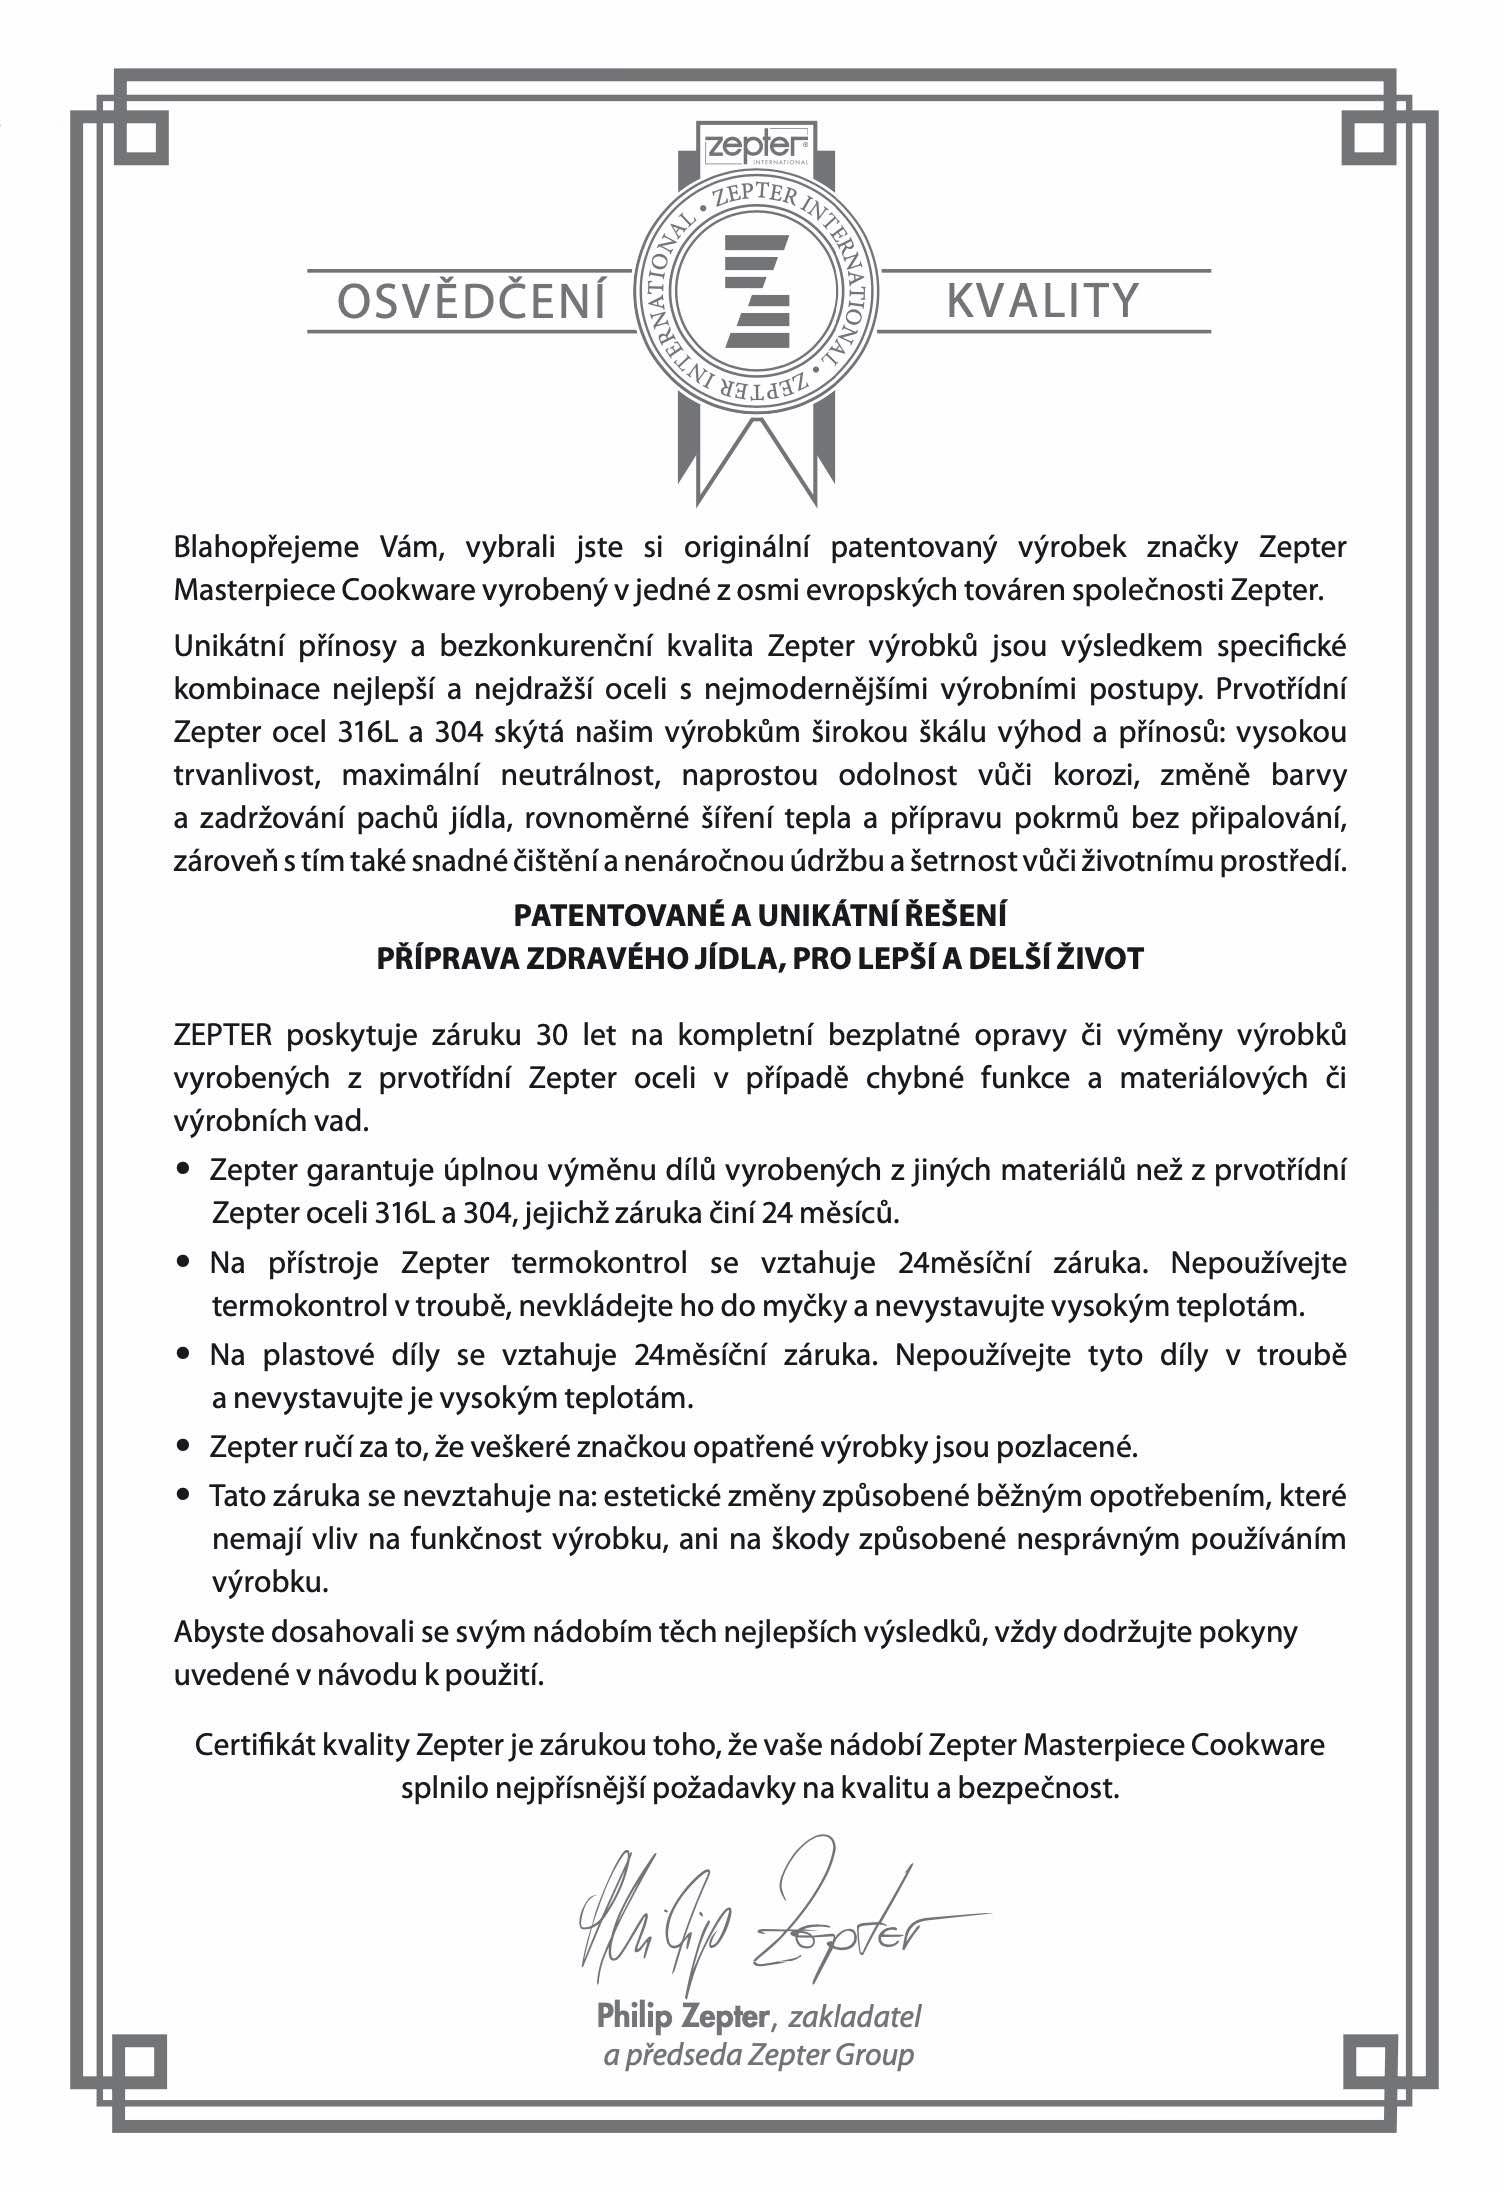 Certifikát kvality Zepter potvrzující 30letou záruku na opravu nebo výměnu Zepter nádobí